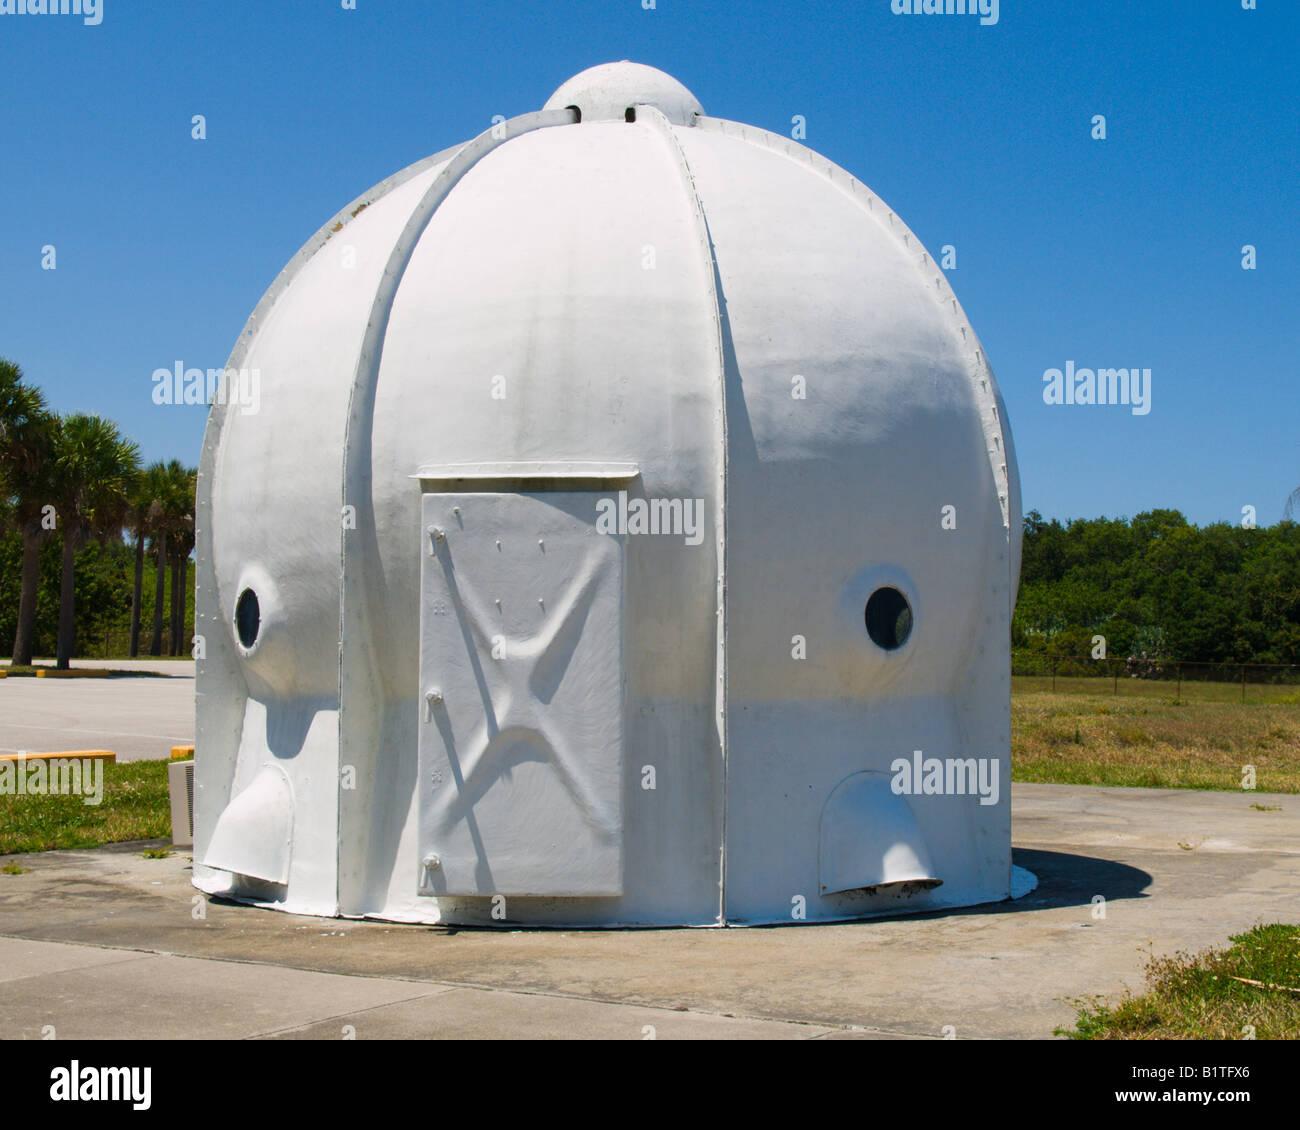 PORTABLE BLAST refugio utilizado en las primeras pruebas de lanzamiento de misiles balísticos para proteger el personal de tierra en Cabo Cañaveral, Florida, EE.UU. Foto de stock